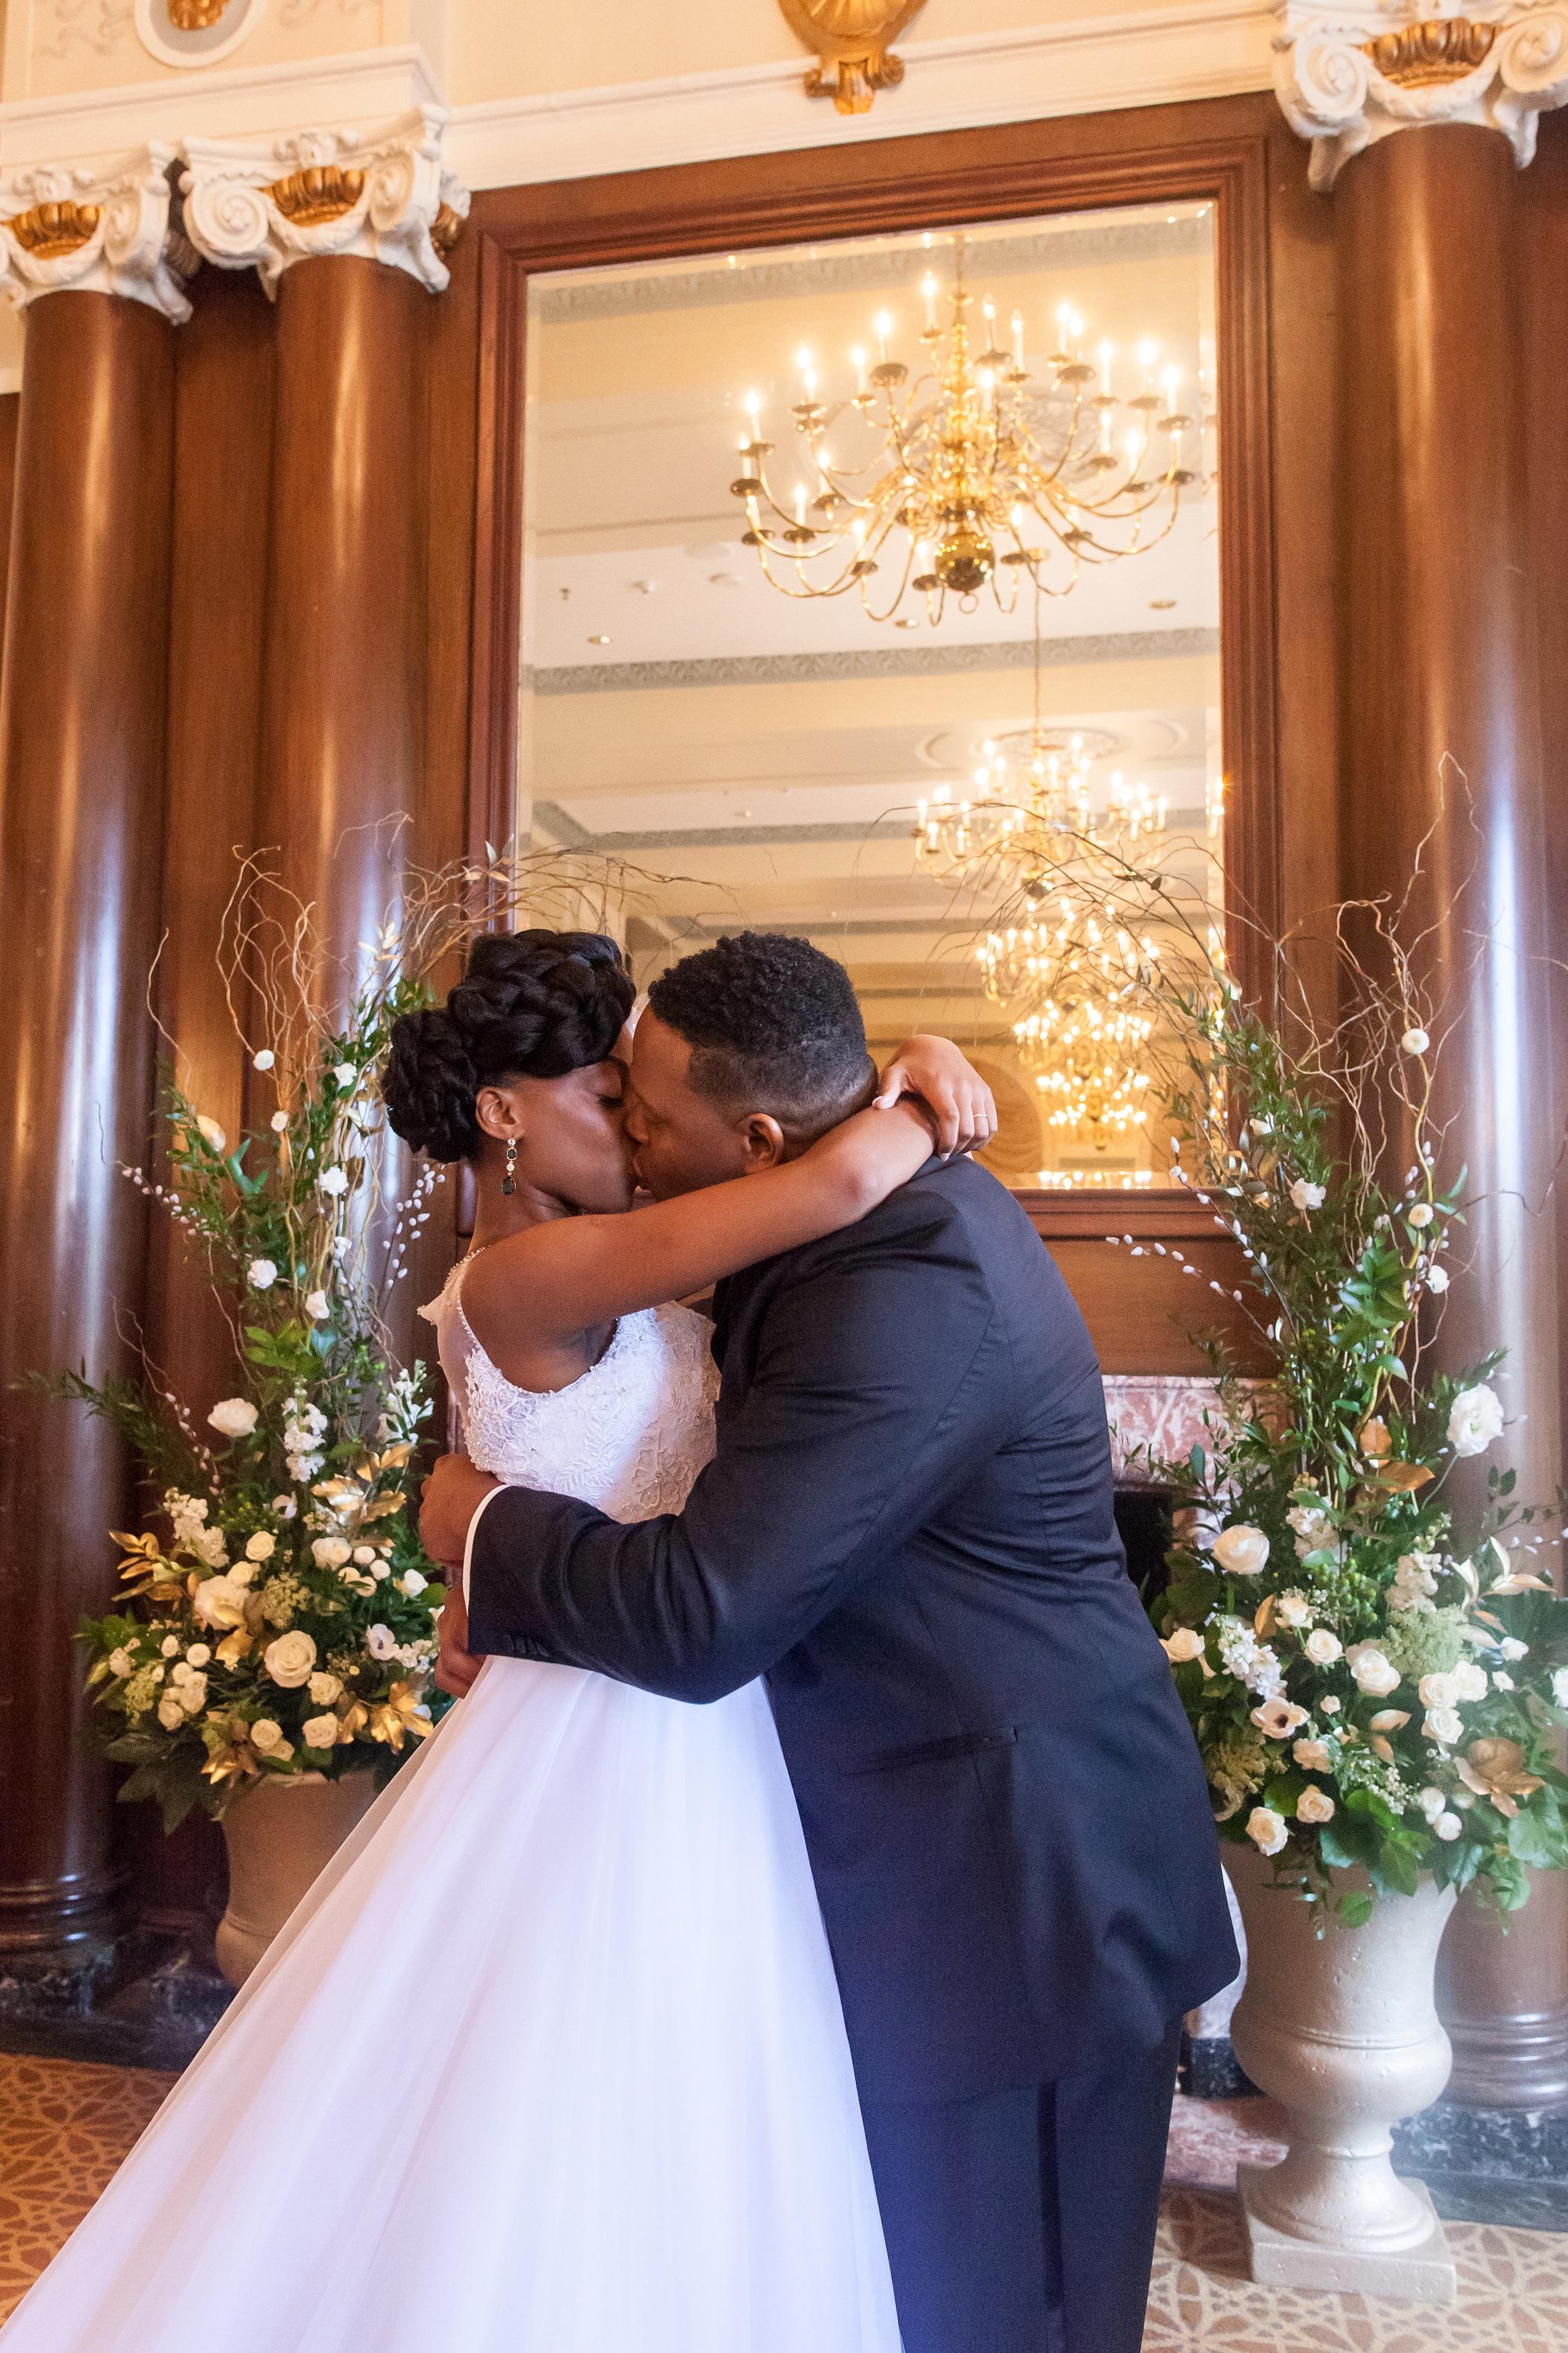 chenai_wedding_wire-38-2017_wedding_wire.jpg